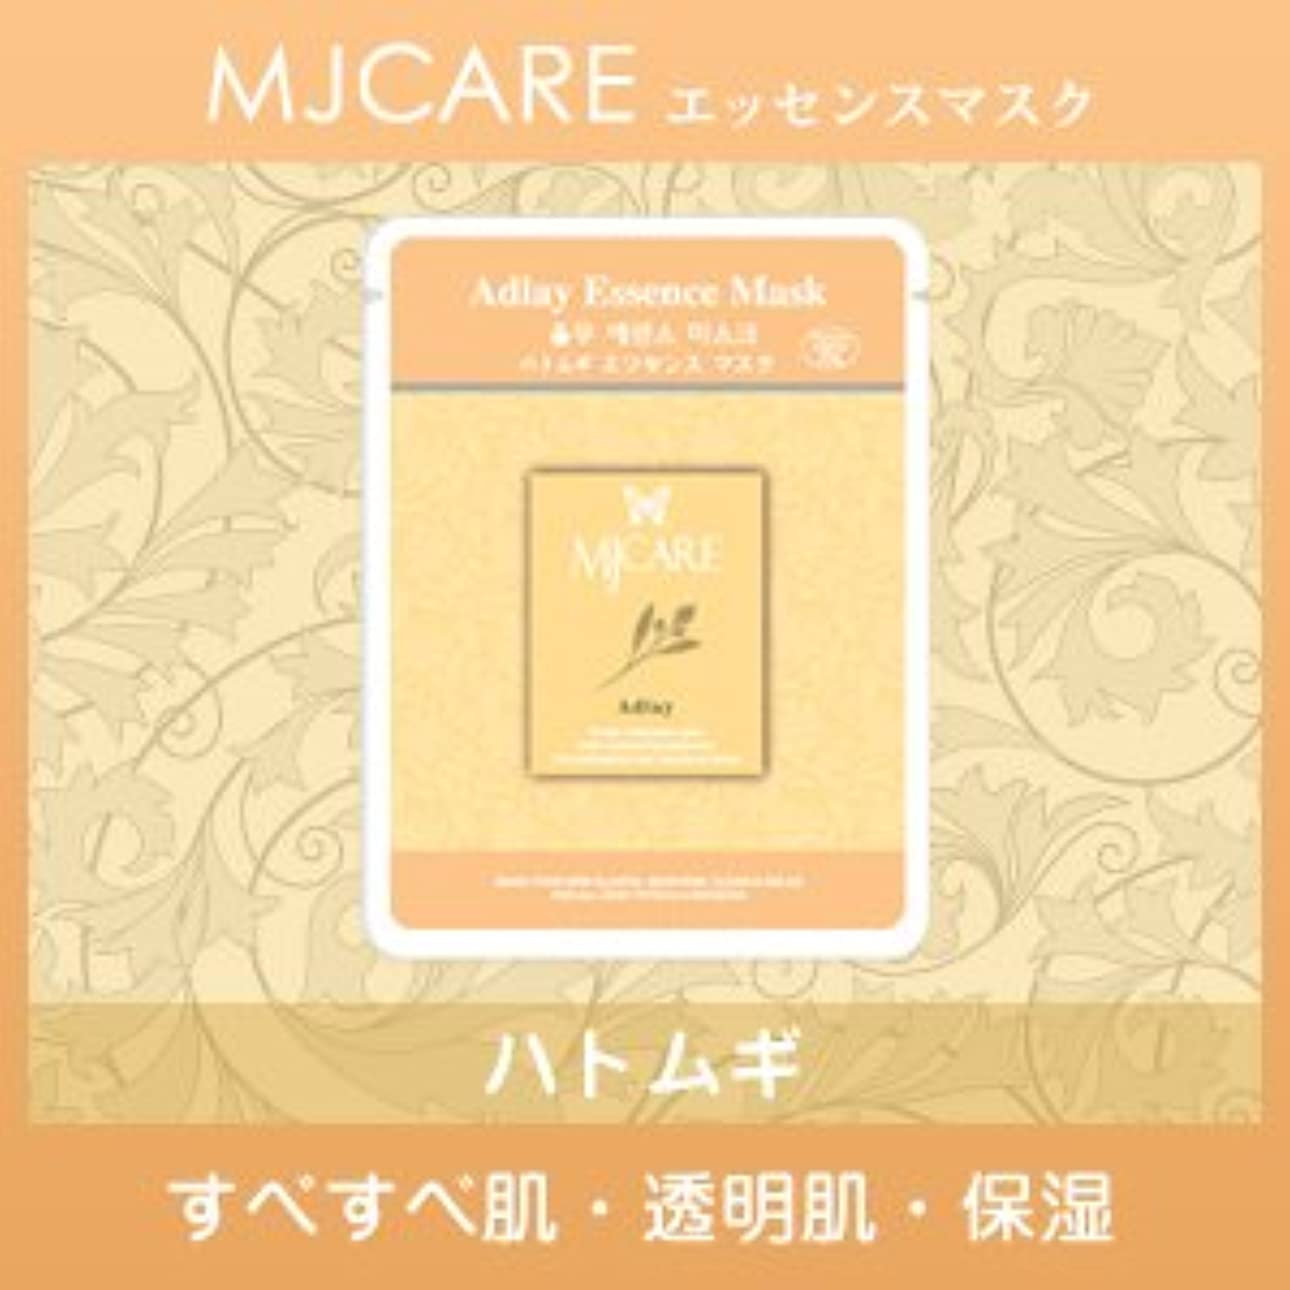 精度つぼみ経営者MJCARE (エムジェイケア) ハトムギ エッセンスマスク